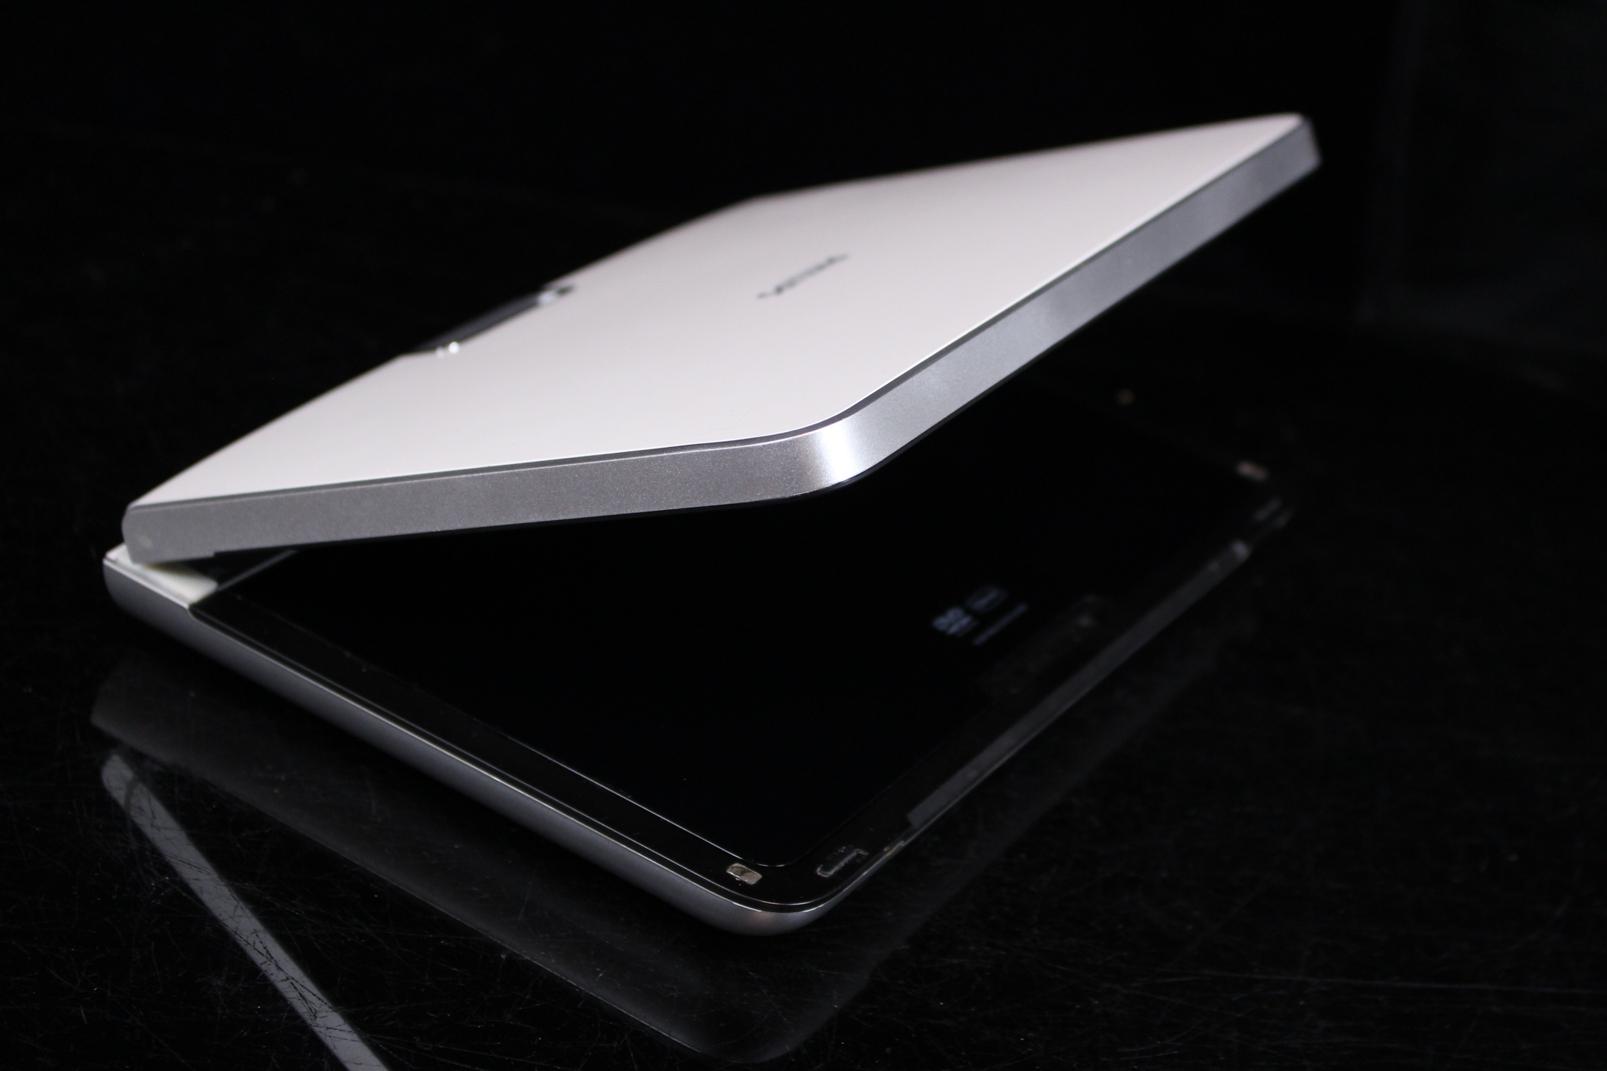 philips pet1030 10 2 zoll portabler dvd cd player divx. Black Bedroom Furniture Sets. Home Design Ideas